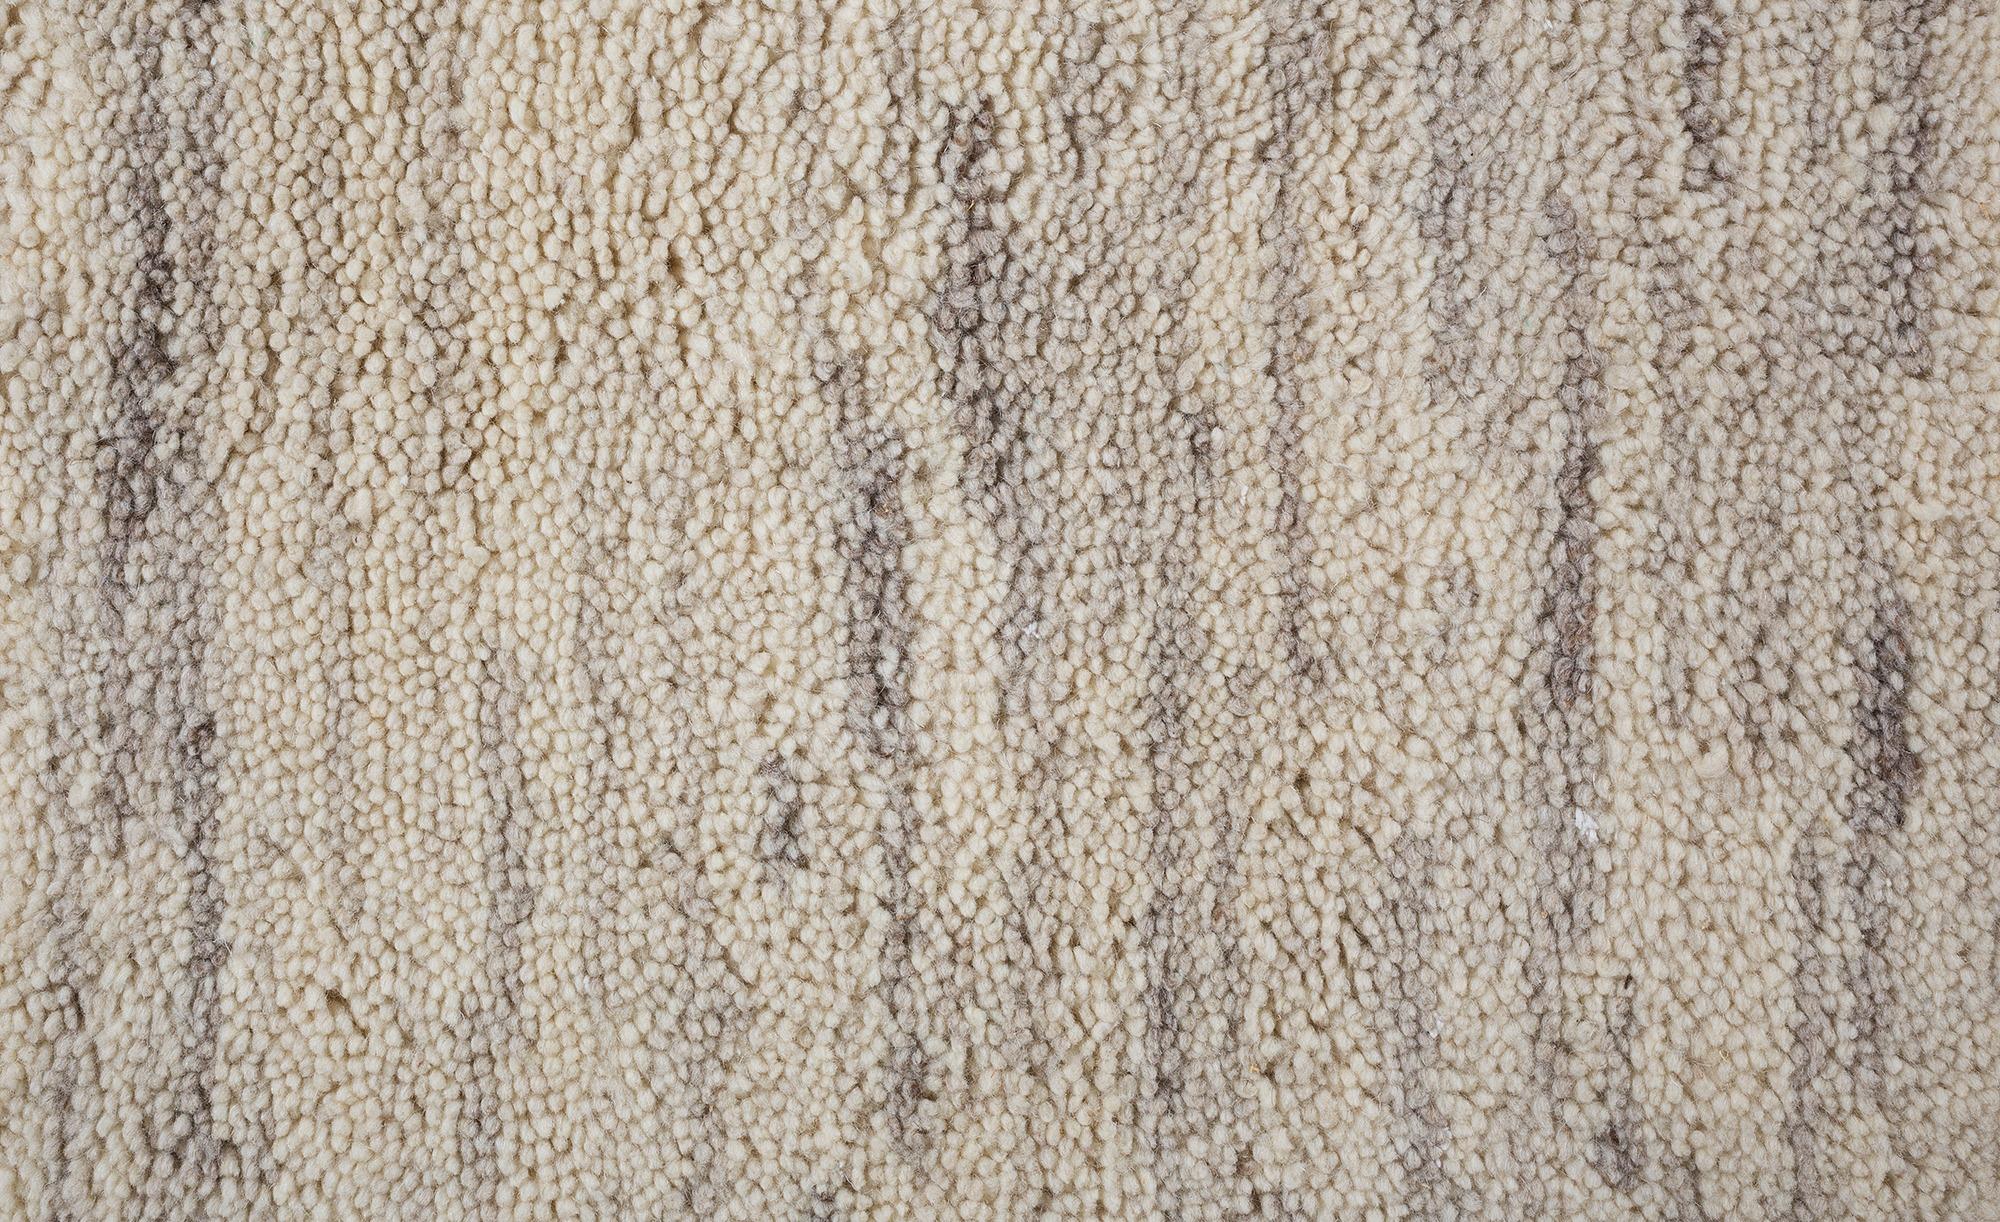 Berber-Teppich - creme - reine Wolle - 70 cm - Teppiche > Naturteppiche - Möbel Kraft   Heimtextilien > Teppiche > Berberteppiche   Sconto